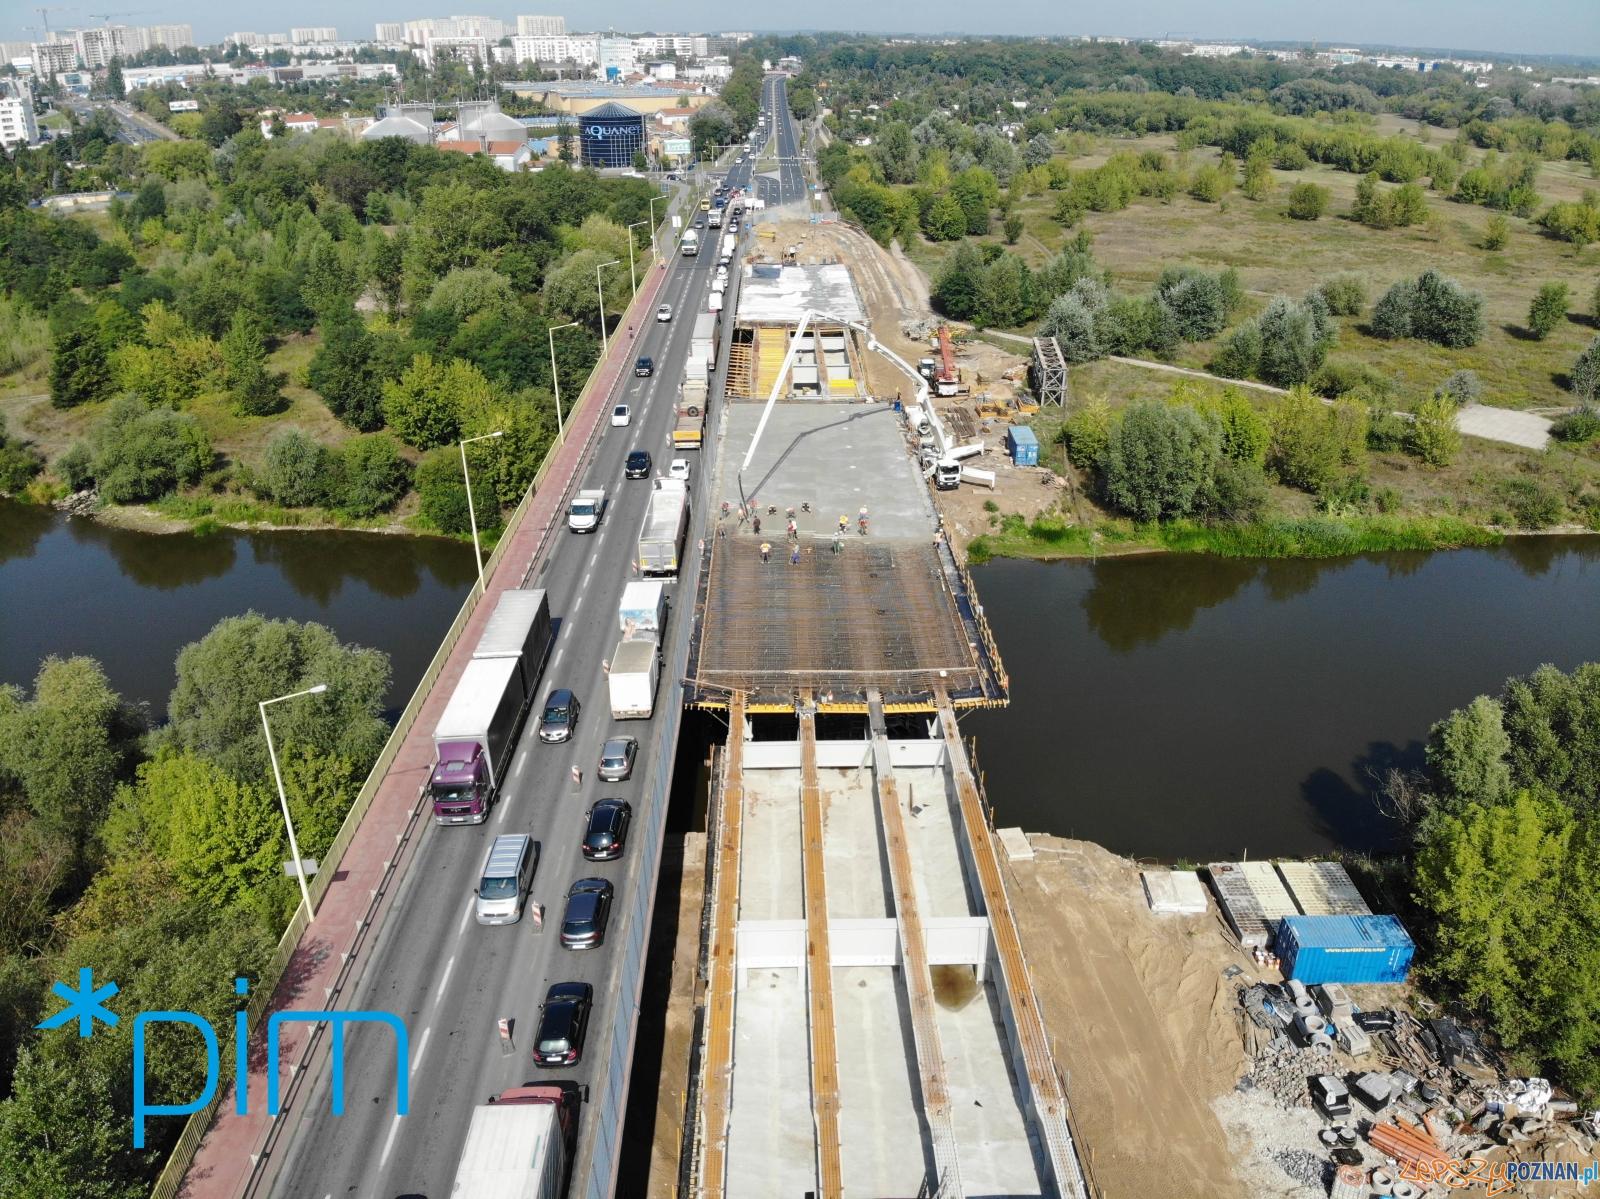 Przebudowa mostu Lecha  Foto: materiały prasowe / PIM